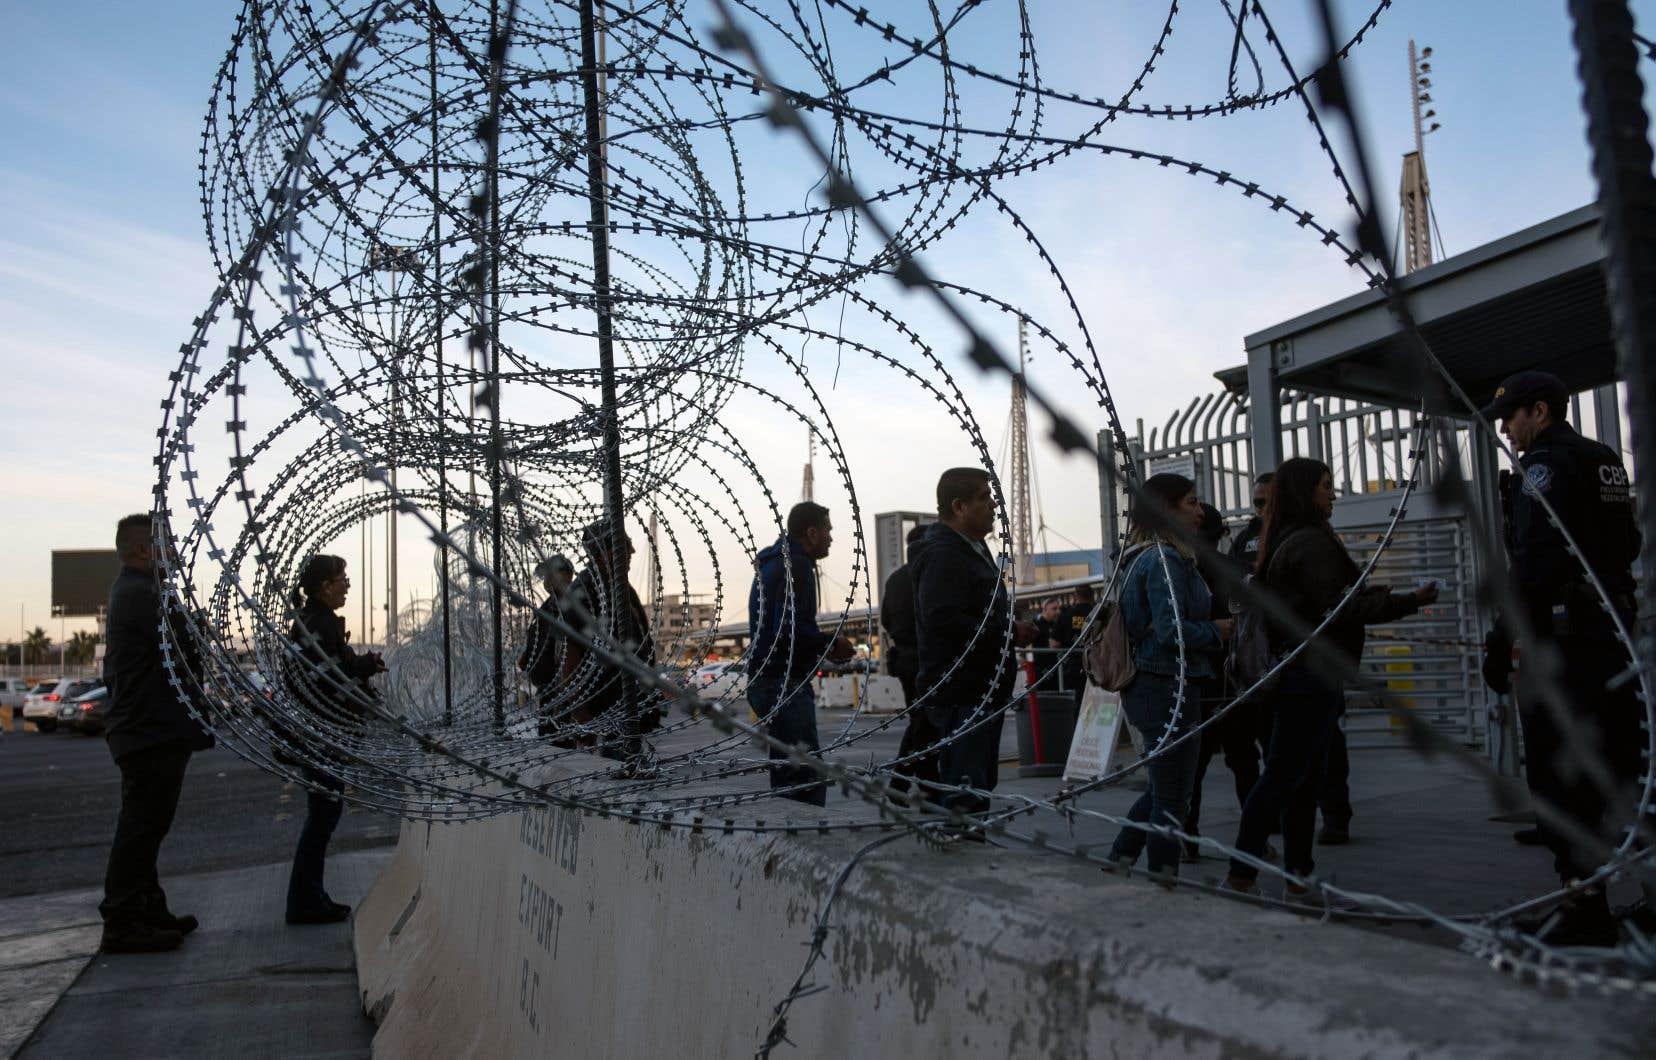 Parmi les individus fichés par la police des frontières figurent dix journalistes, dont sept de nationalité nord-américaine, un avocat américain et quarante-sept personnes originaires des États-Unis ou d'autres pays qui sont qualifiées d'organisateurs, d'instigateurs ou dont les rôles sont «inconnus».